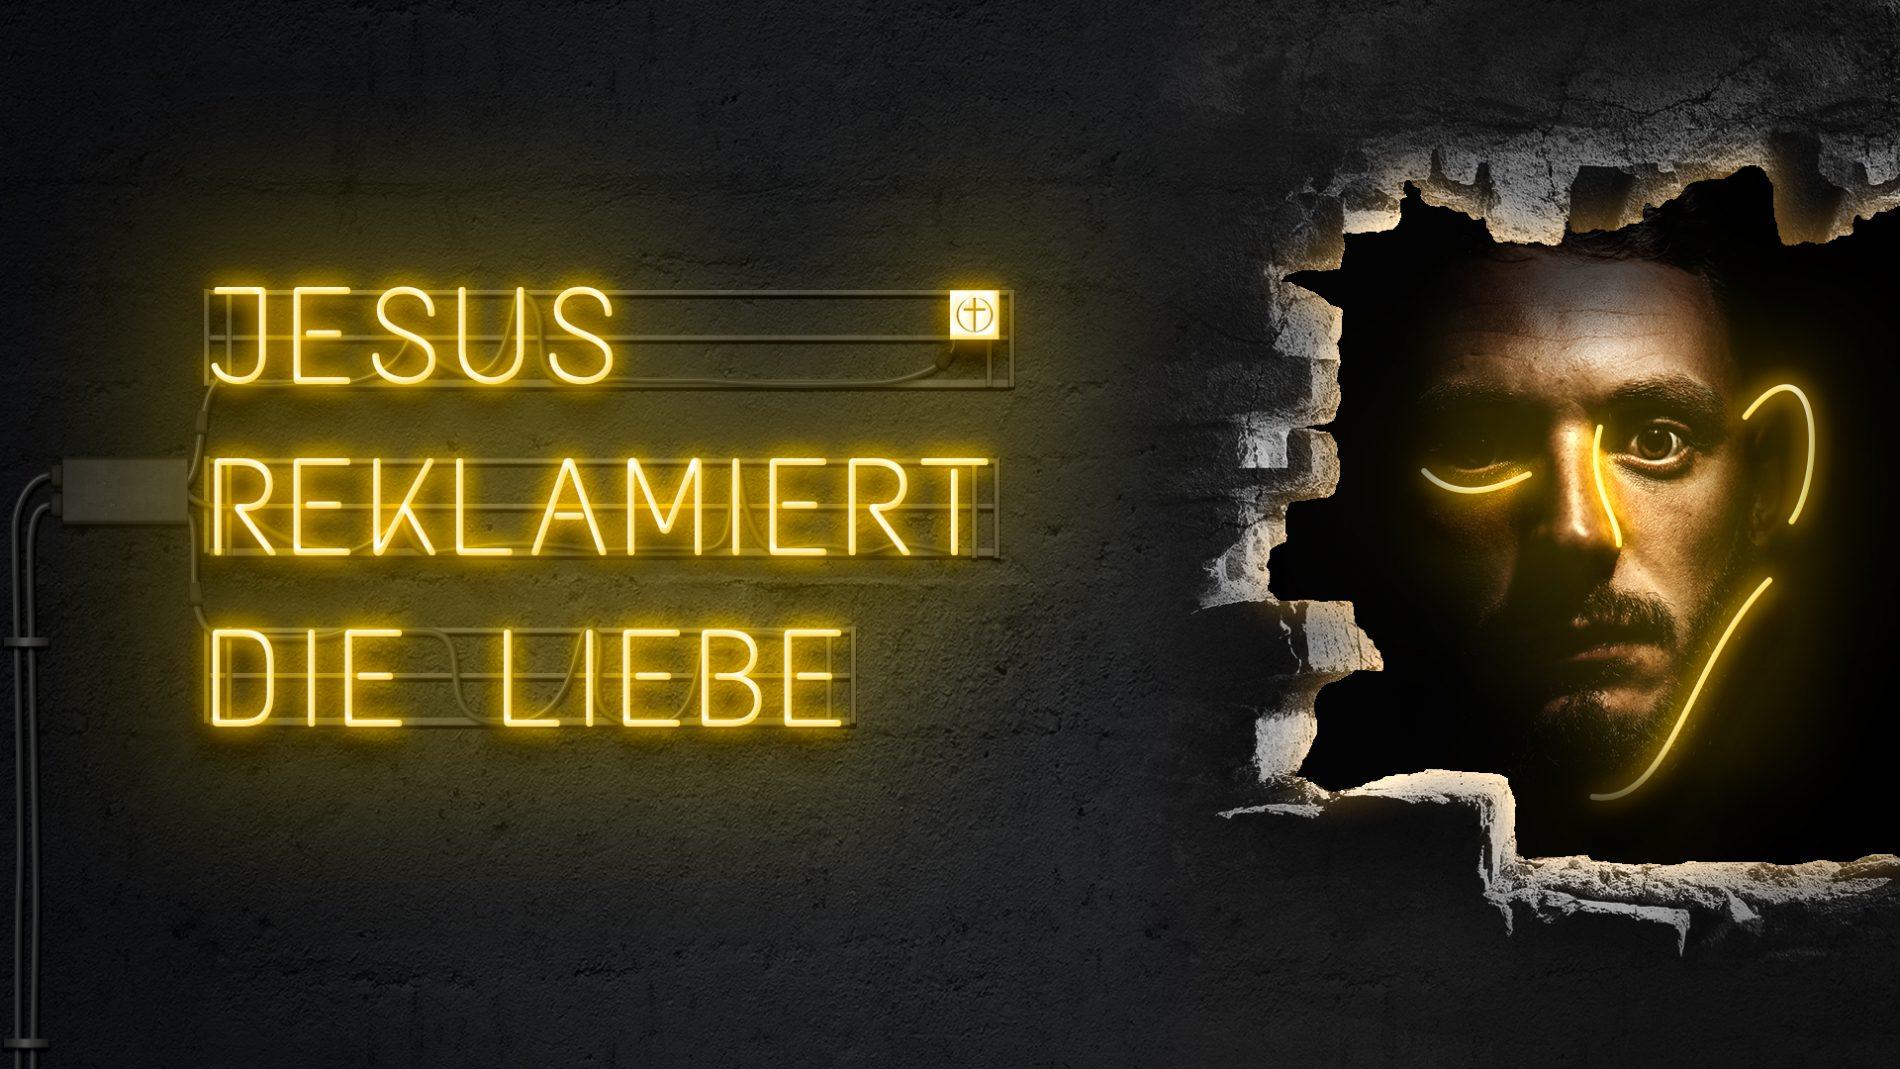 Jesus reklamiert die Liebe